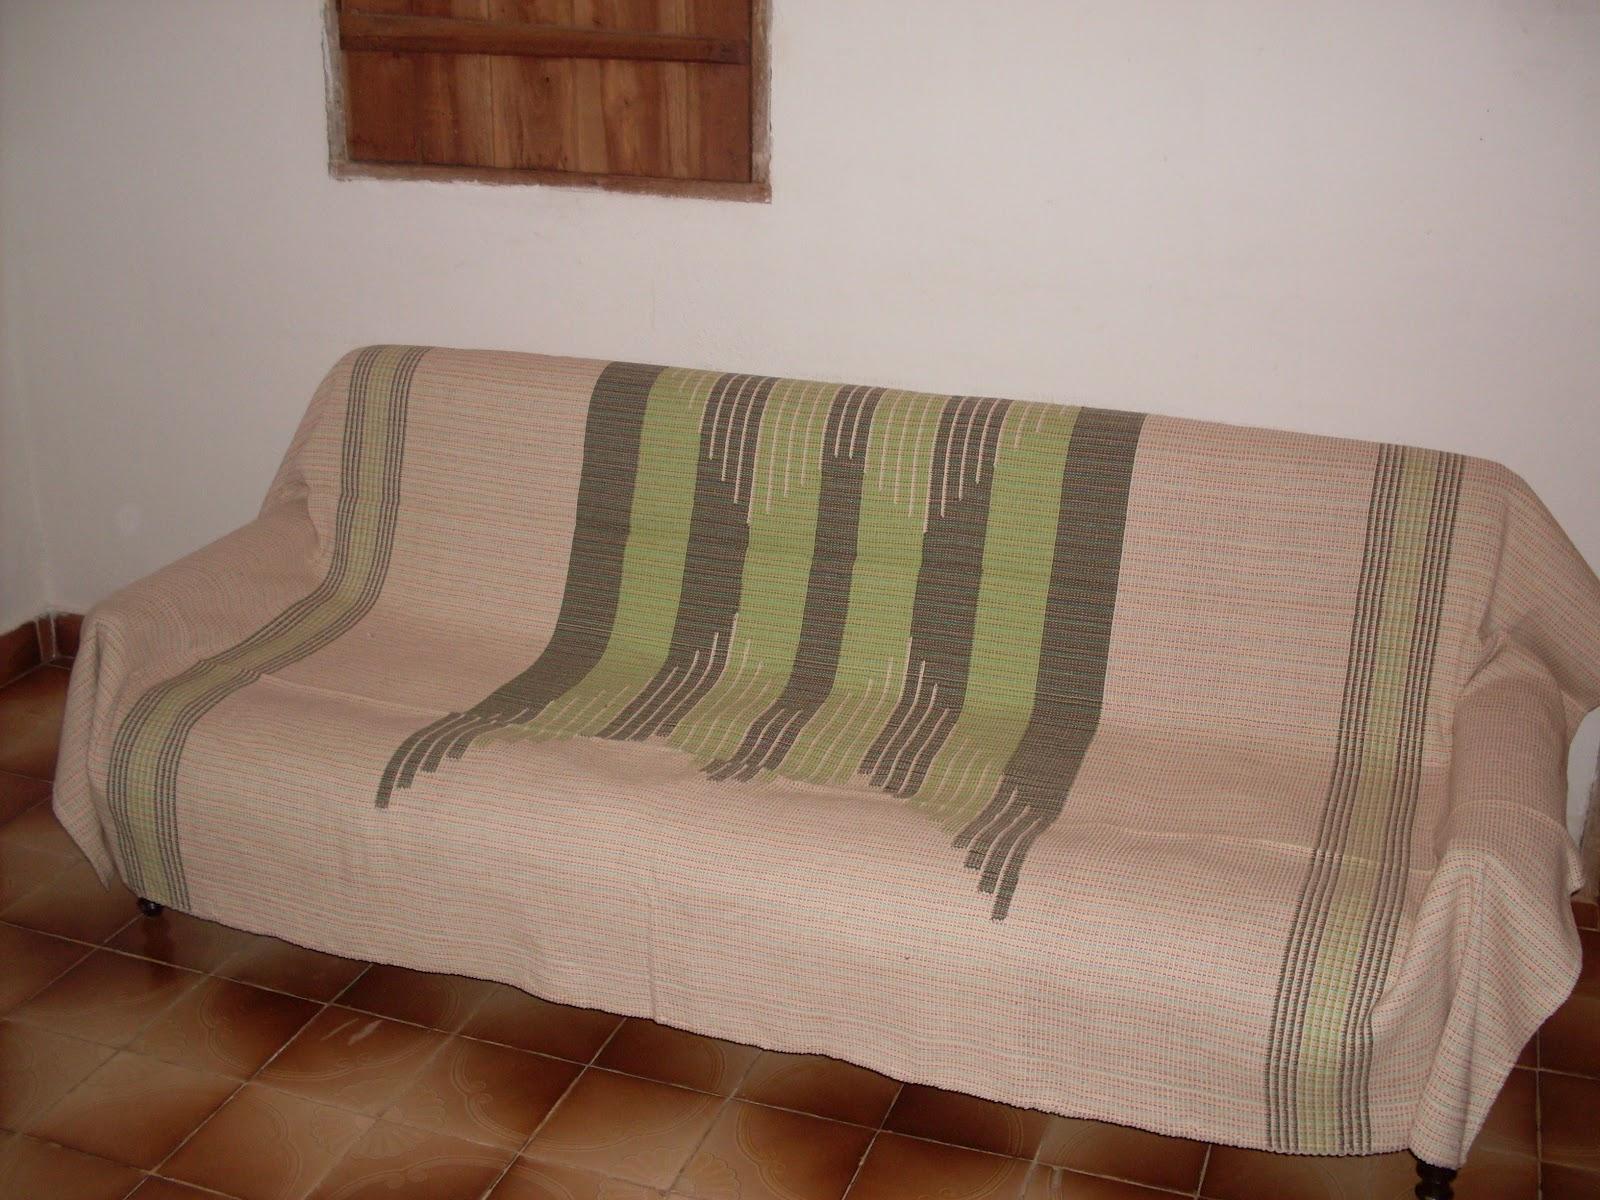 Mineirinho artes manta de sof com desenho geom trico colcha de casal ou solteiro - Colchas para sofas baratas ...